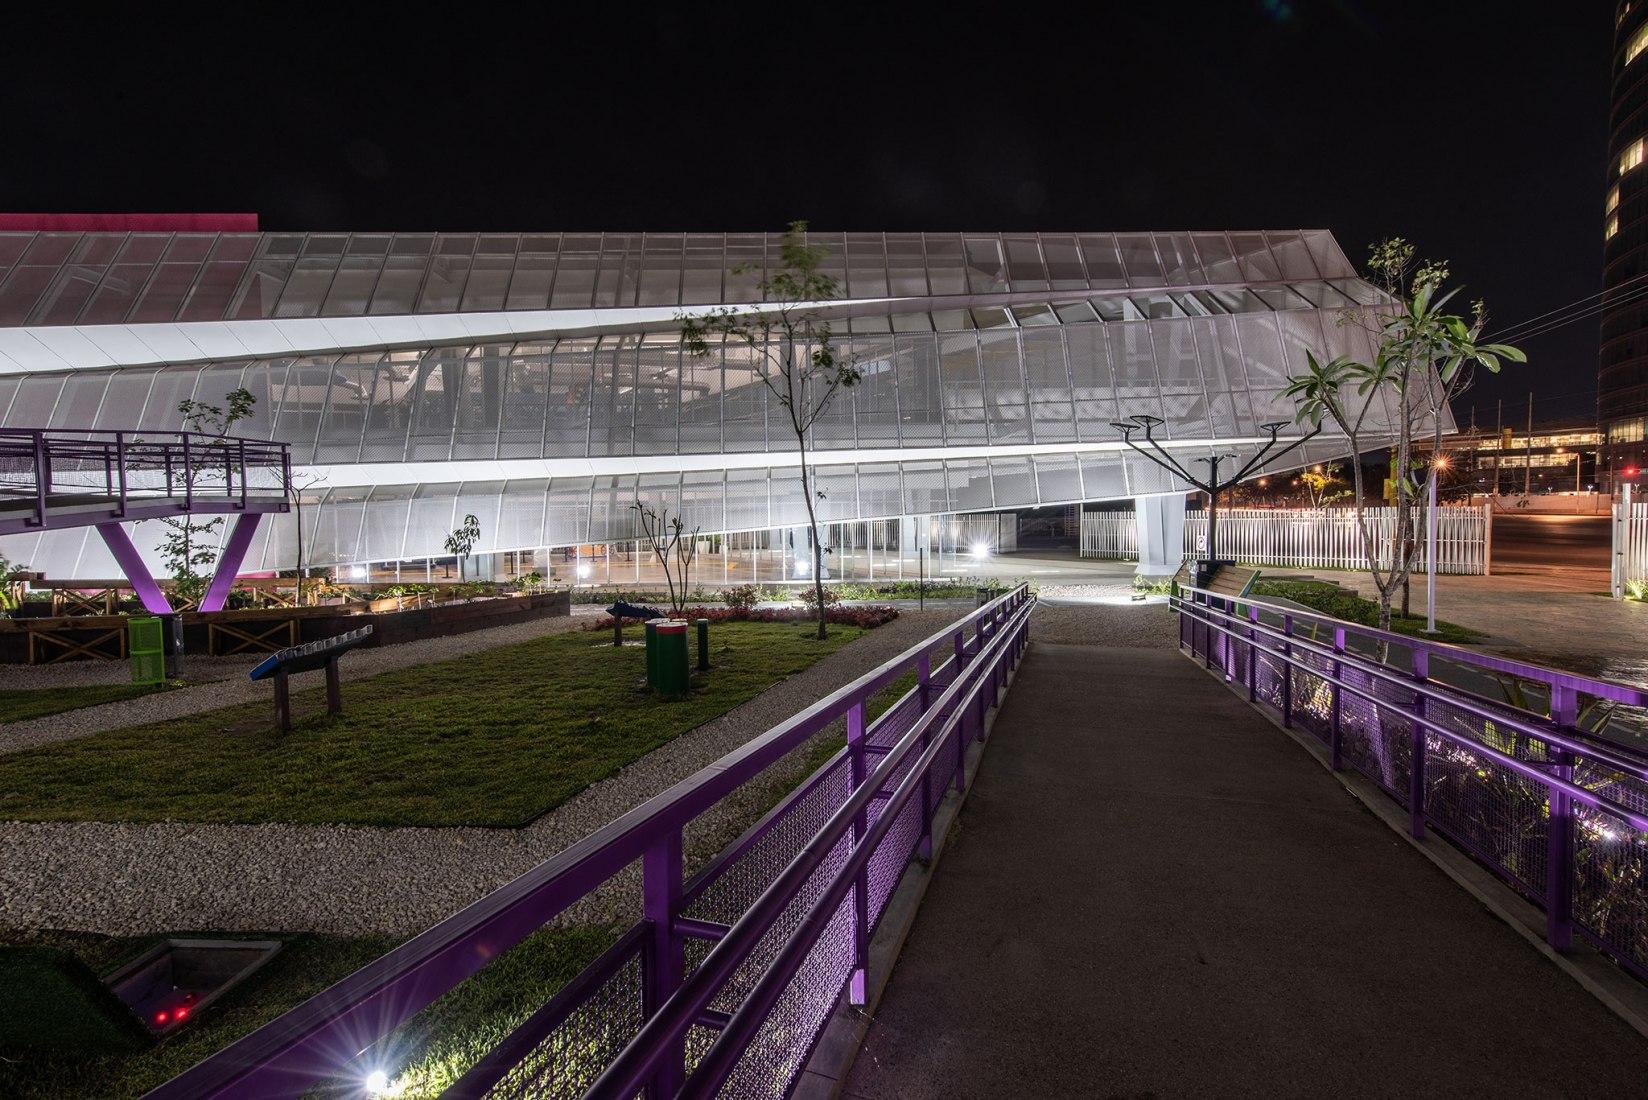 Museo Del Niño Tuxtla Gutiérrez por C Cúbica Arquitectos. Fotografía por Jaime Navarro Soto